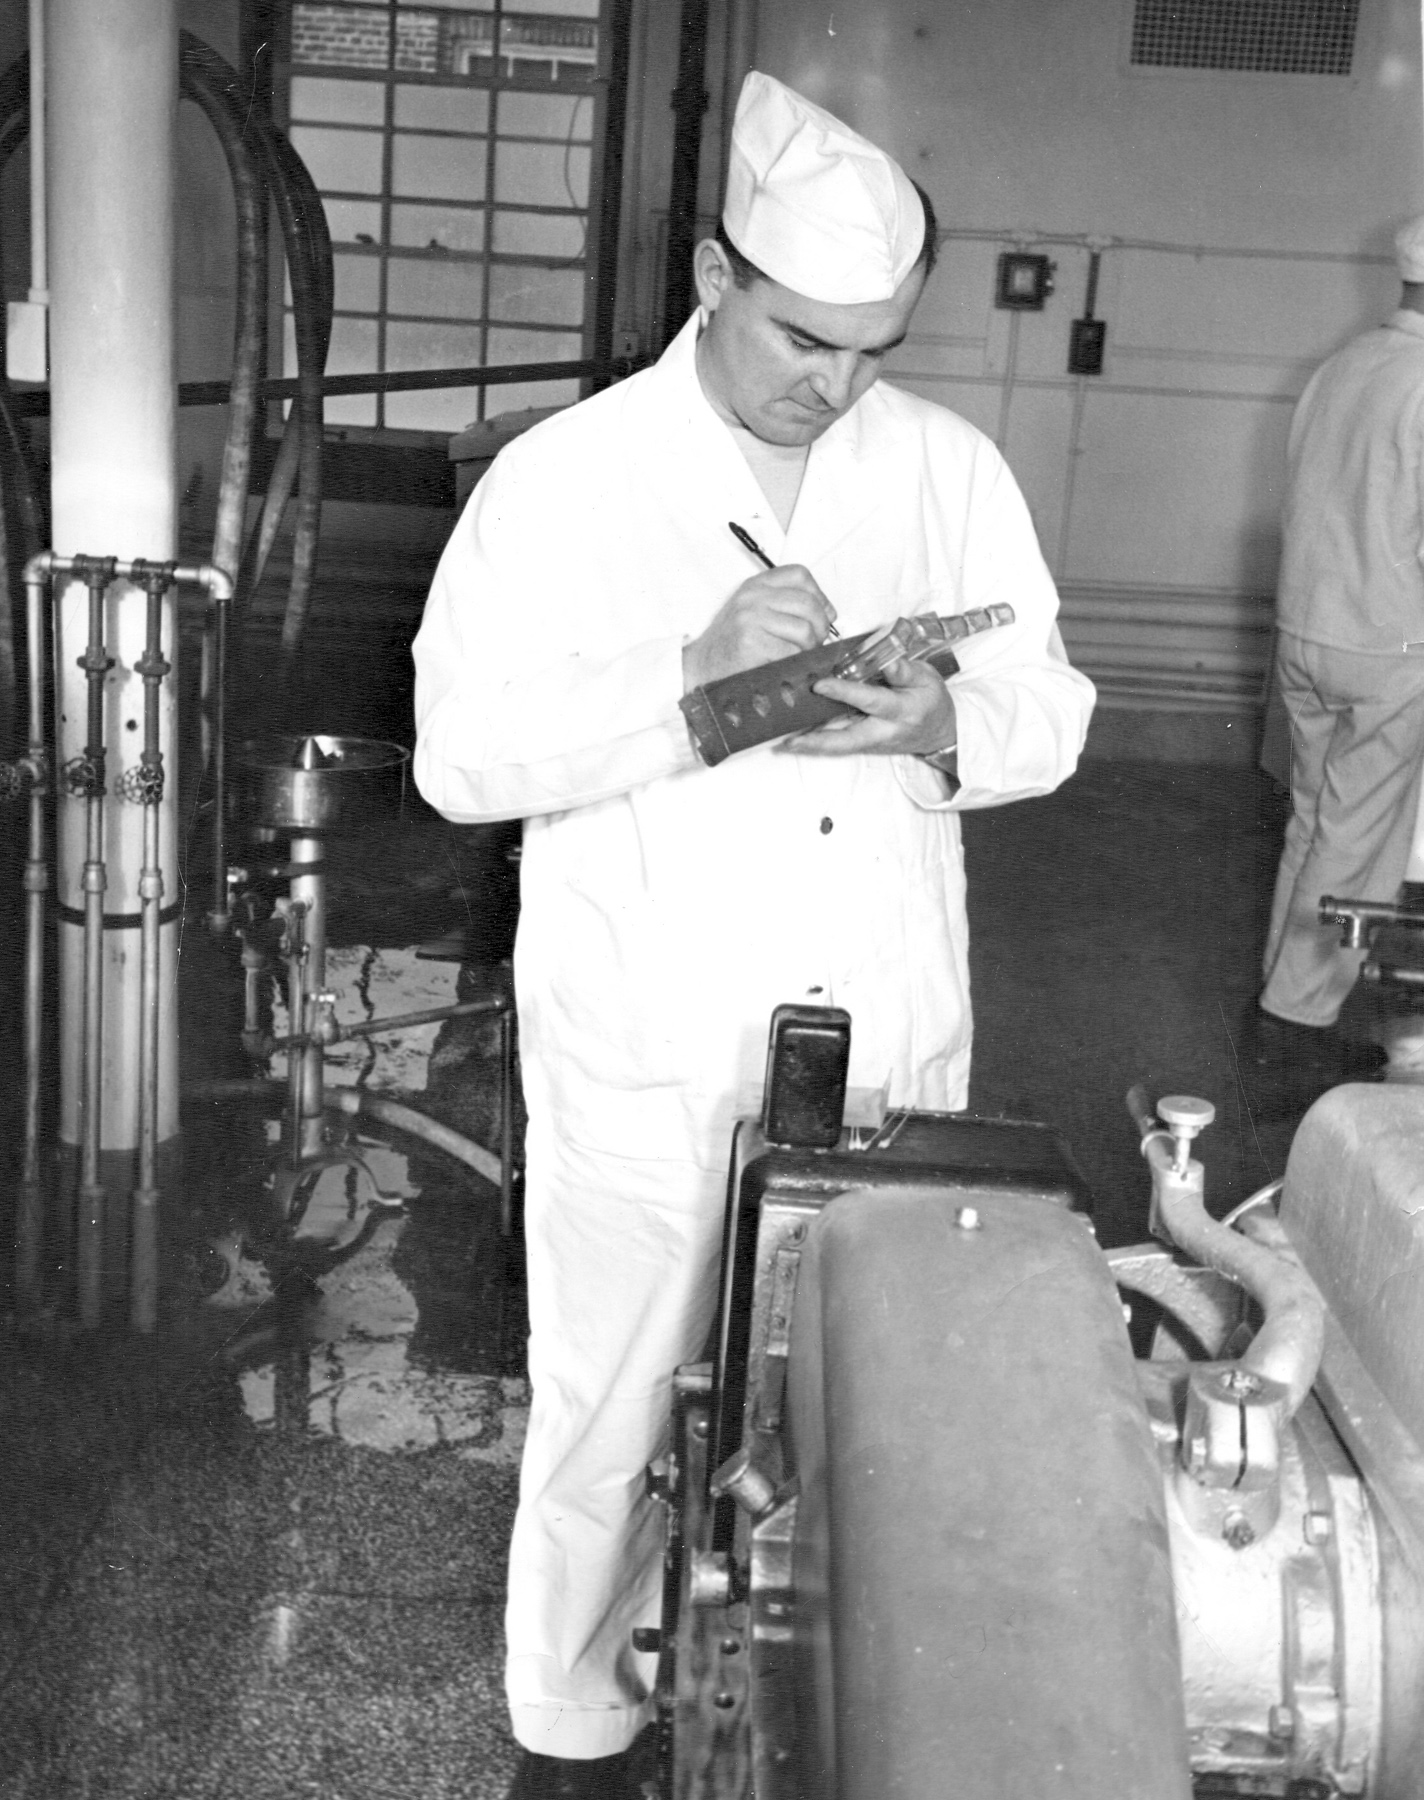 Prise d'échantillons de lait pour une analyse dans le laboratoire de la laiterie. <b>Roger Landreville, employé de l'usine de J.J. Joubert, vers 1949.</b> Collection Julie Landreville